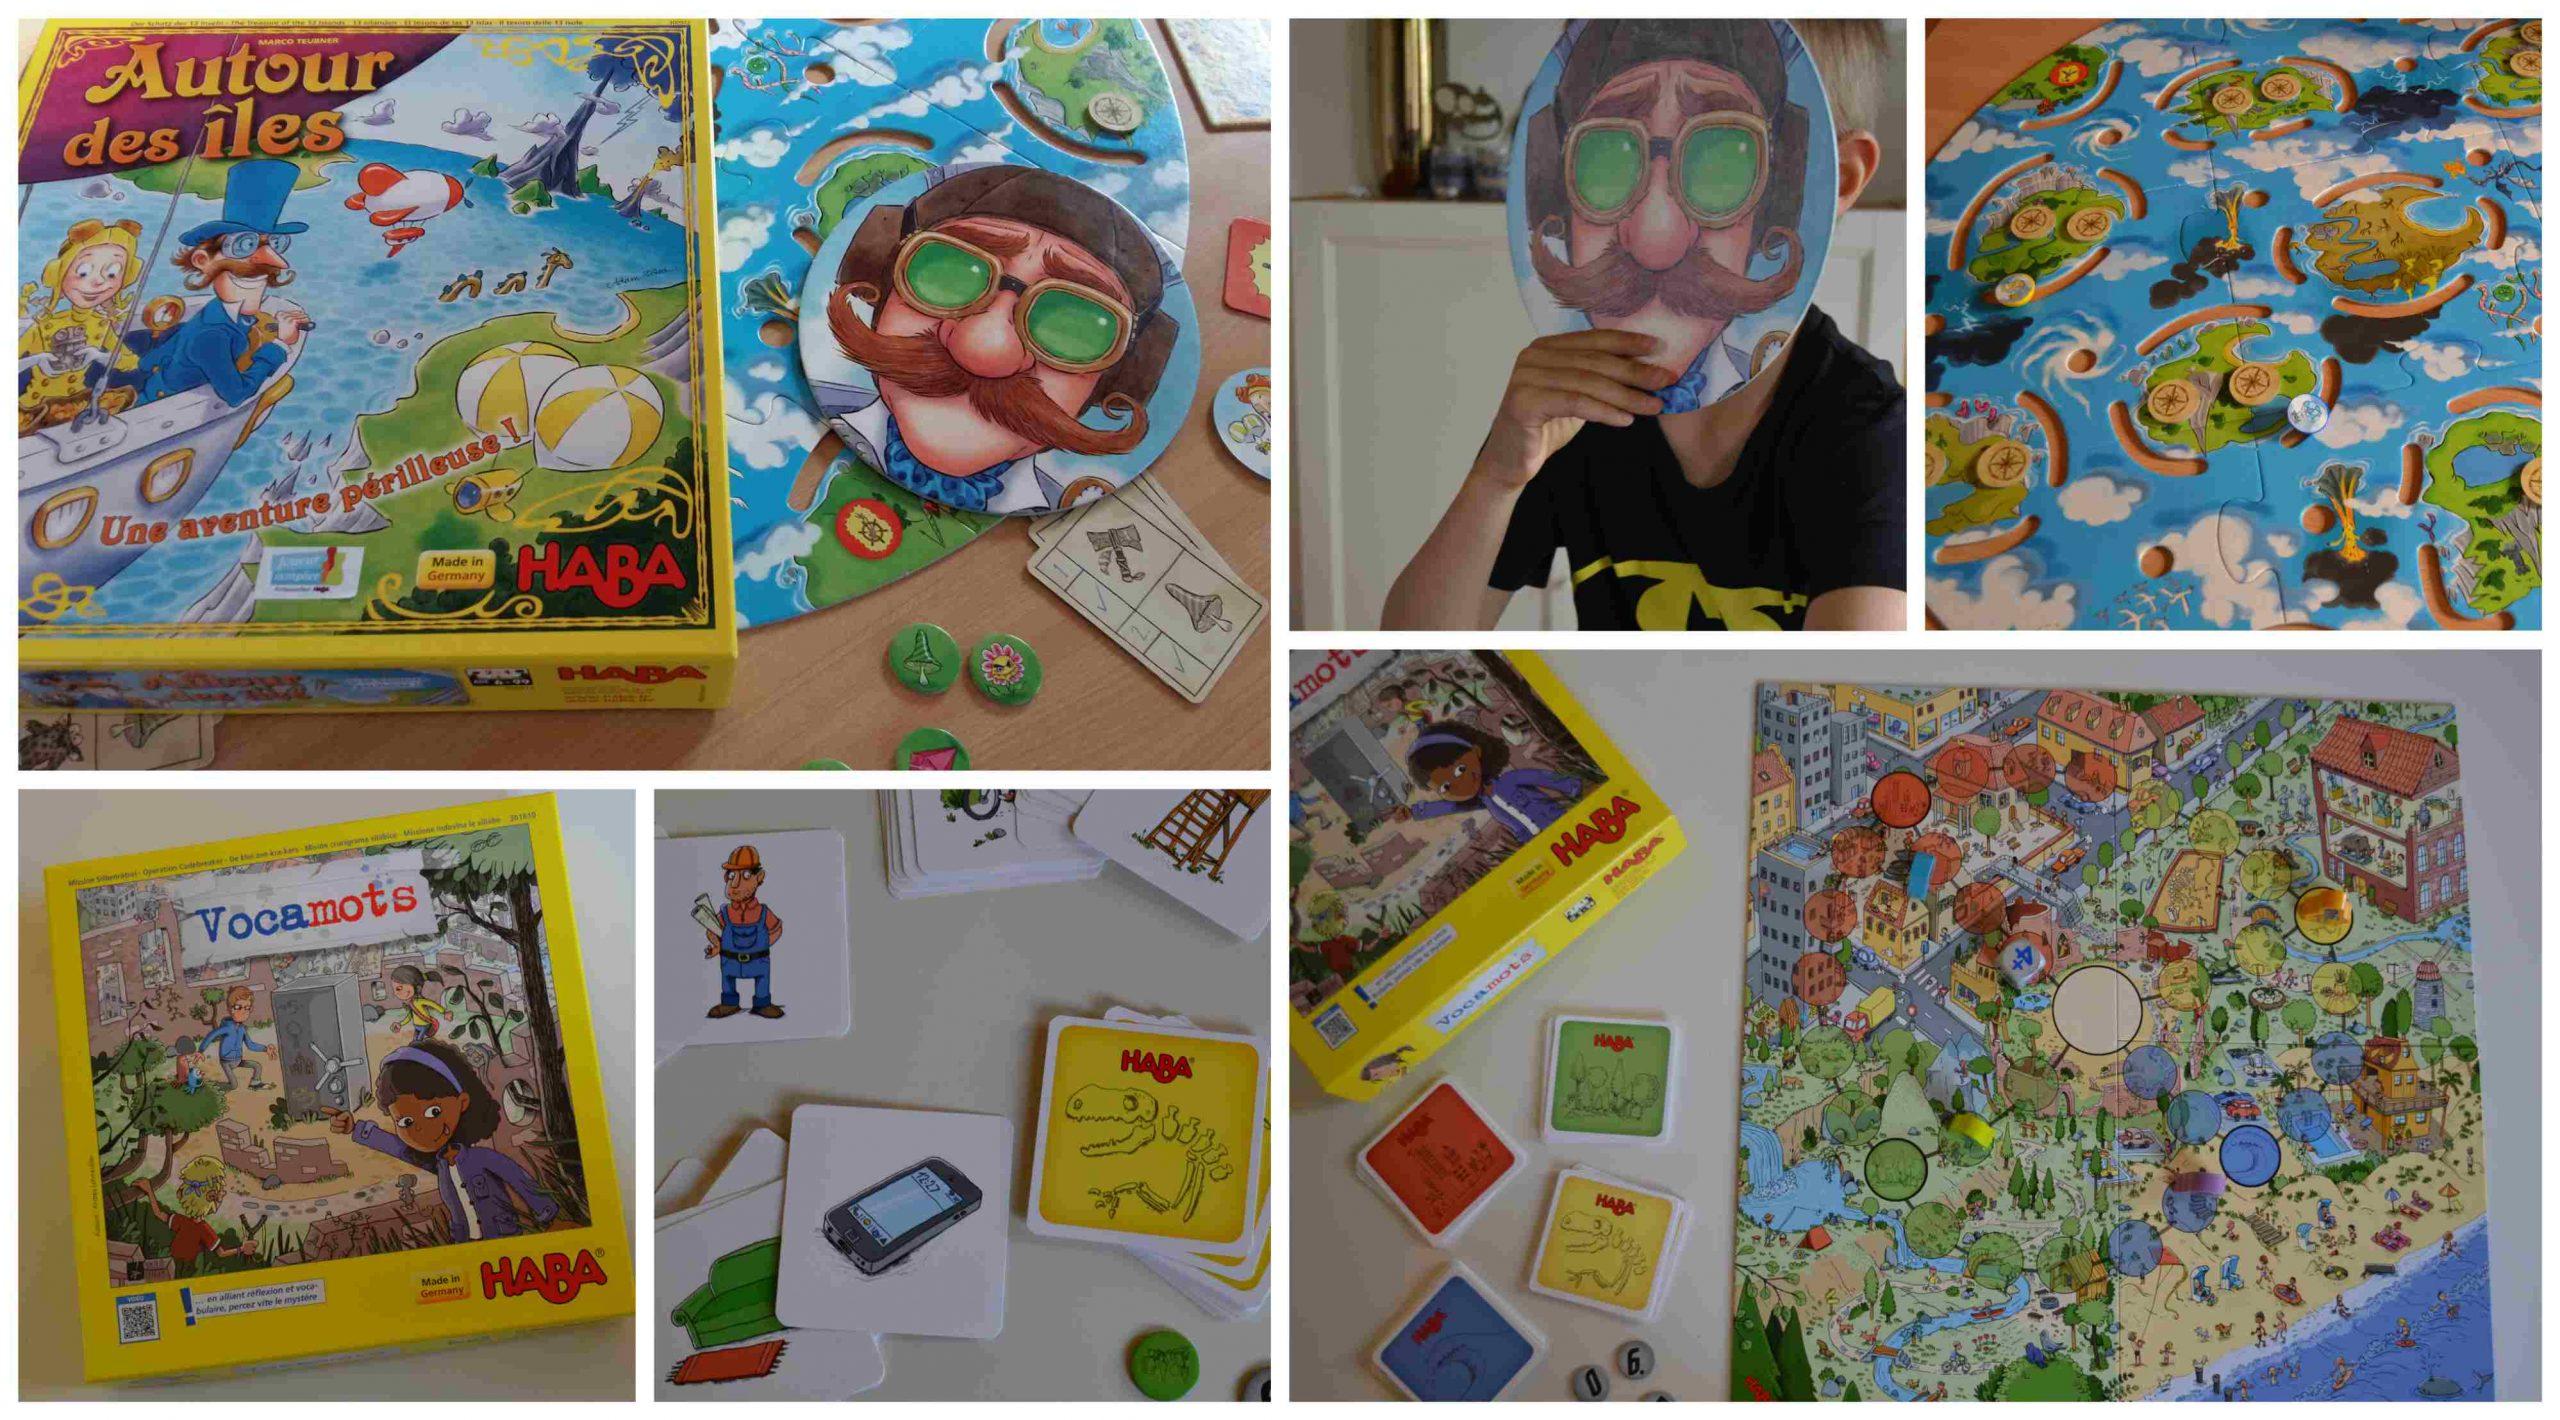 Vocamots & Autour Des Îles : Des Jeux Haba Pour Les 5-7 Ans pour Jeux Pour Enfant De 7 Ans